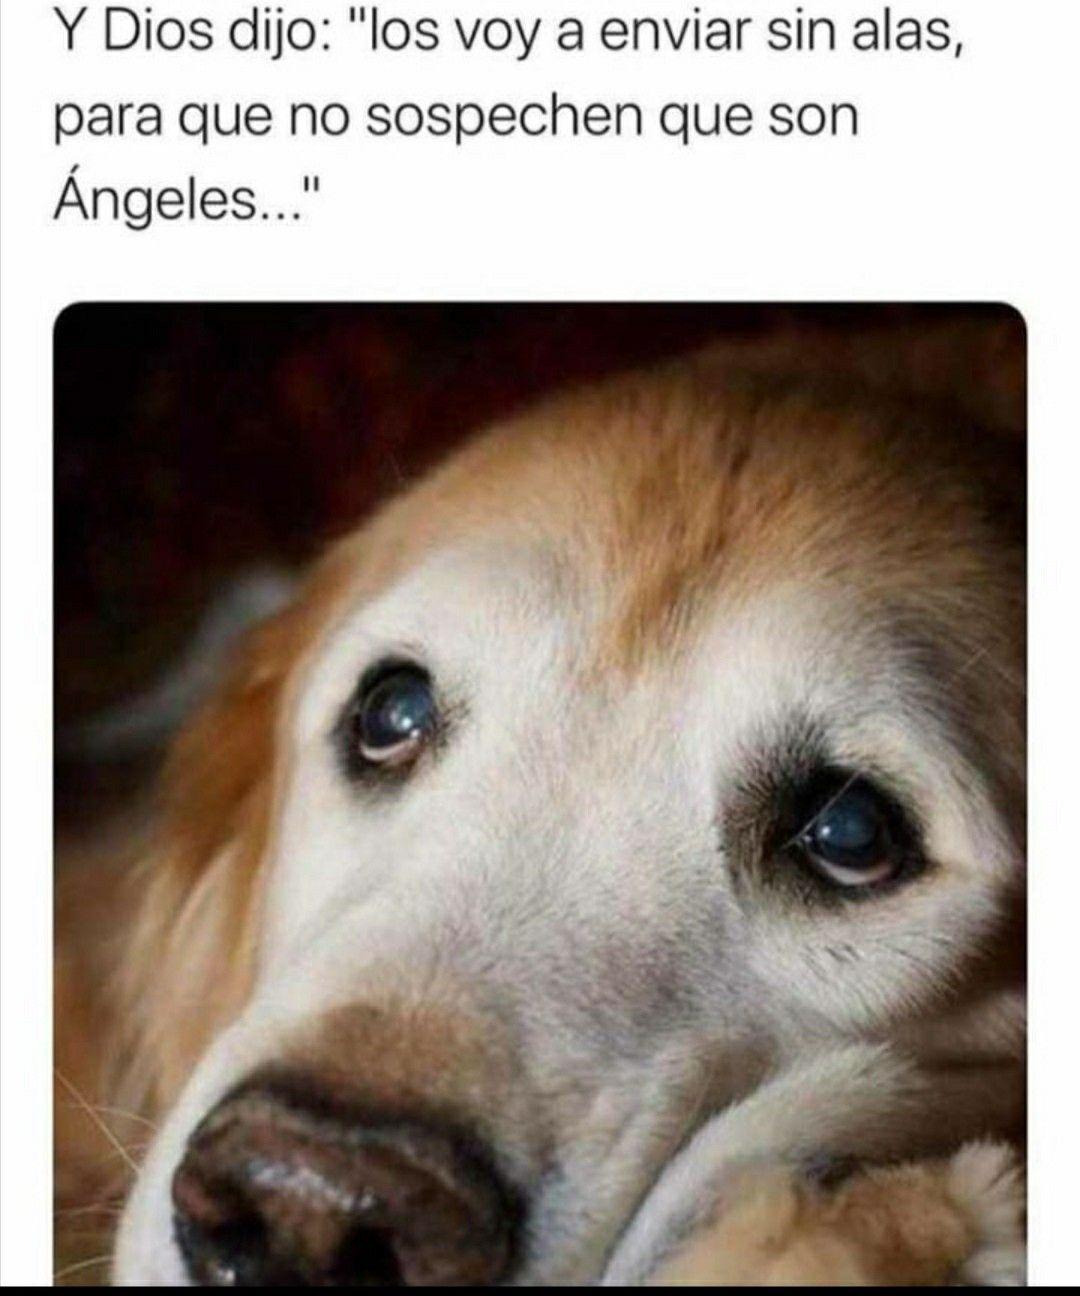 Pin De Celeste De Leon En Dog En 2020 Perros Frases Animales Frases Memes De Perros Chistosos